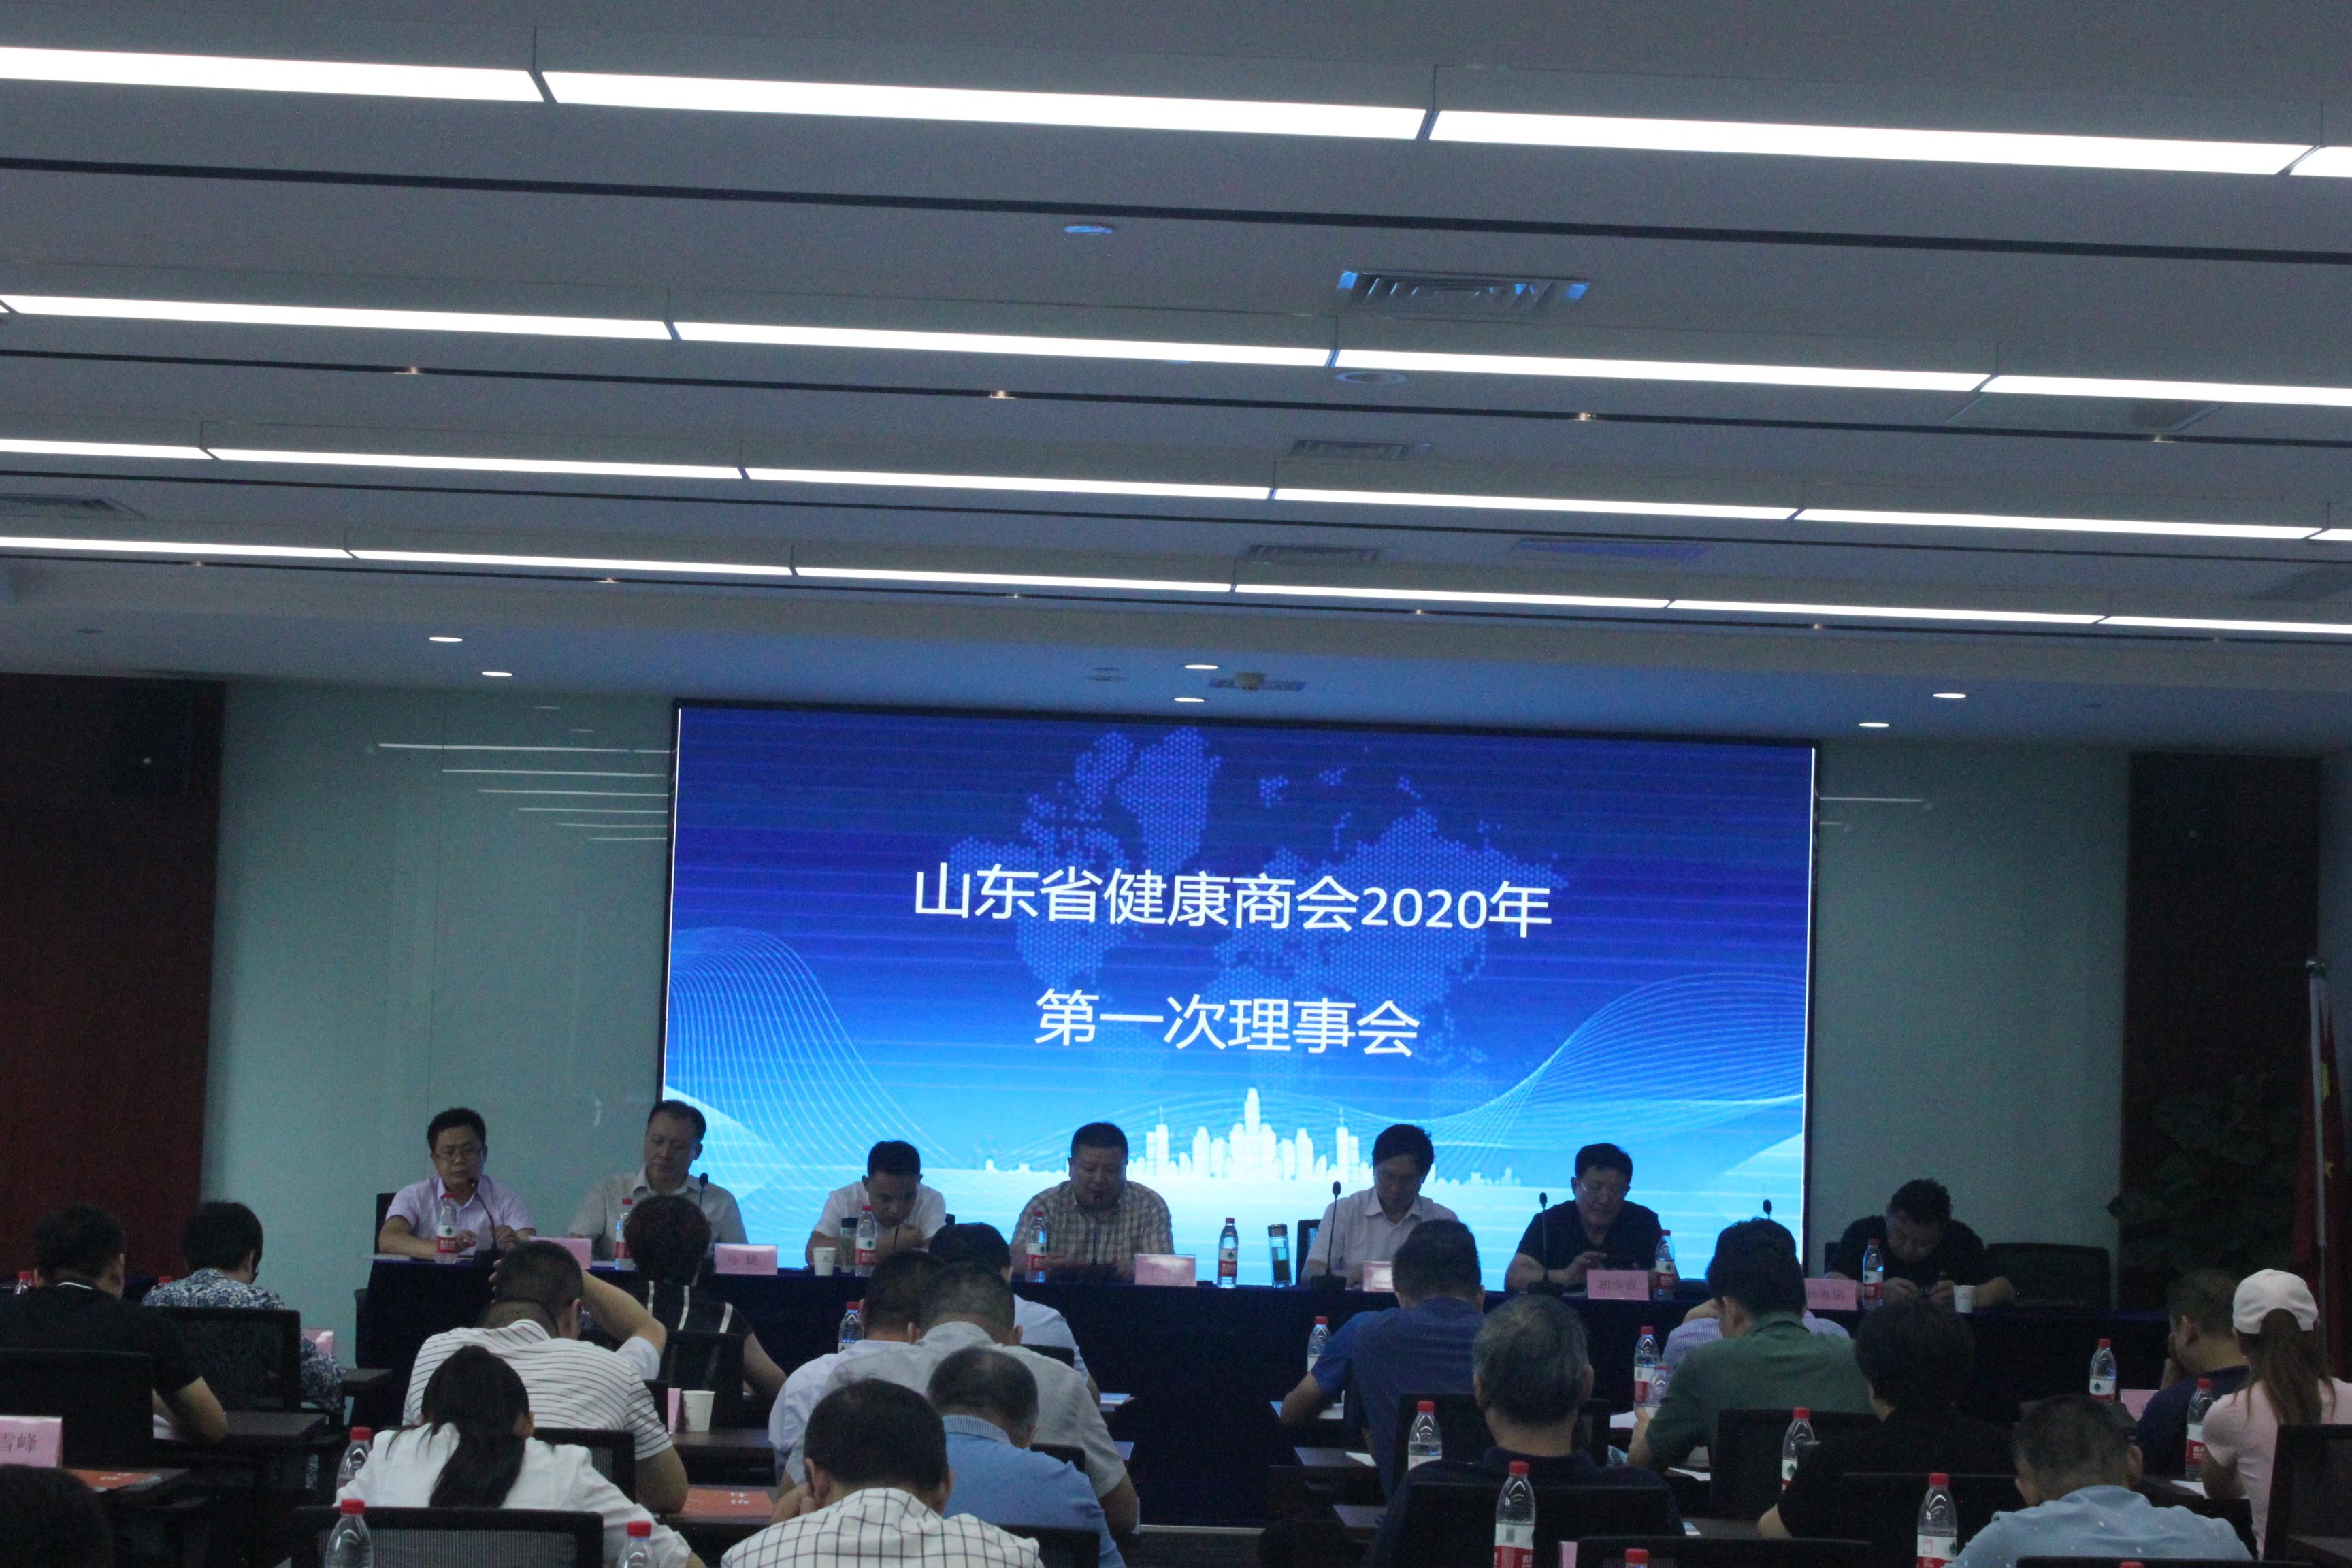 铺路搭桥 把薪助火—— 山东省健康万博max手机版2020年第一次理事会圆满召开